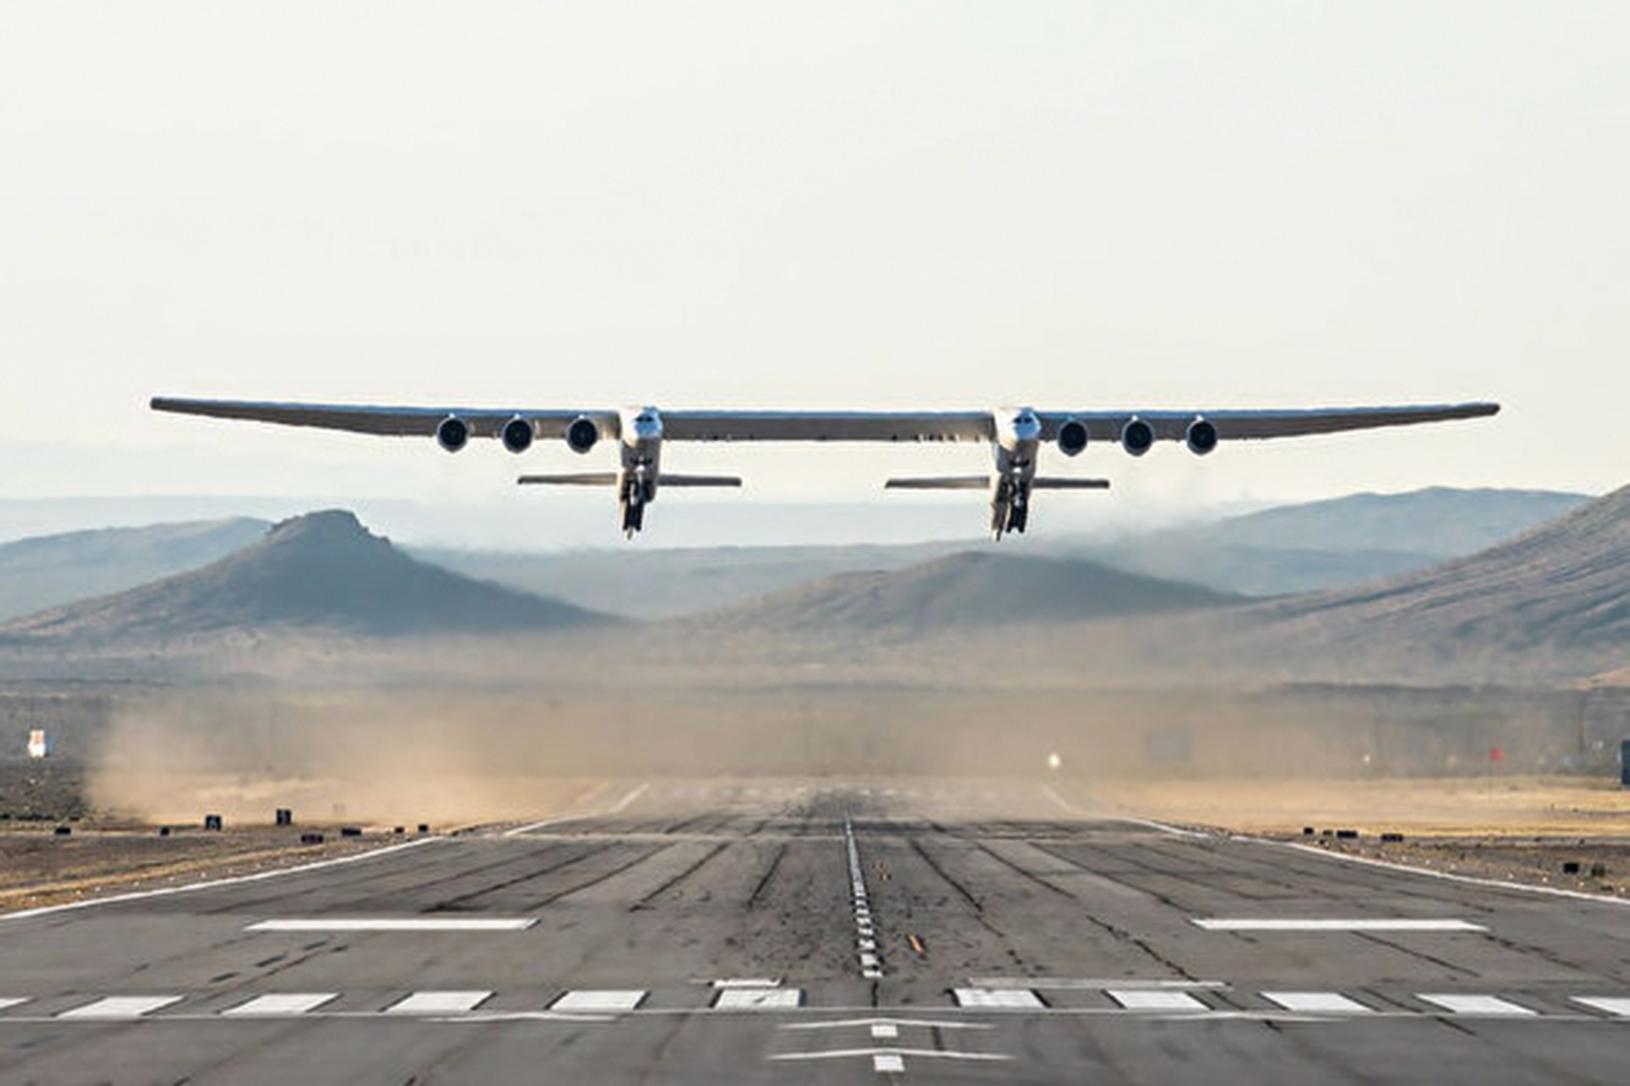 周六(4月13日)早上,世界上最大的、獨一無二的飛機Stratolaunch在美國加州莫哈韋(Mojave)沙漠上完成首次試飛。(Handout / Stratolaunch Systems Corp / AFP)